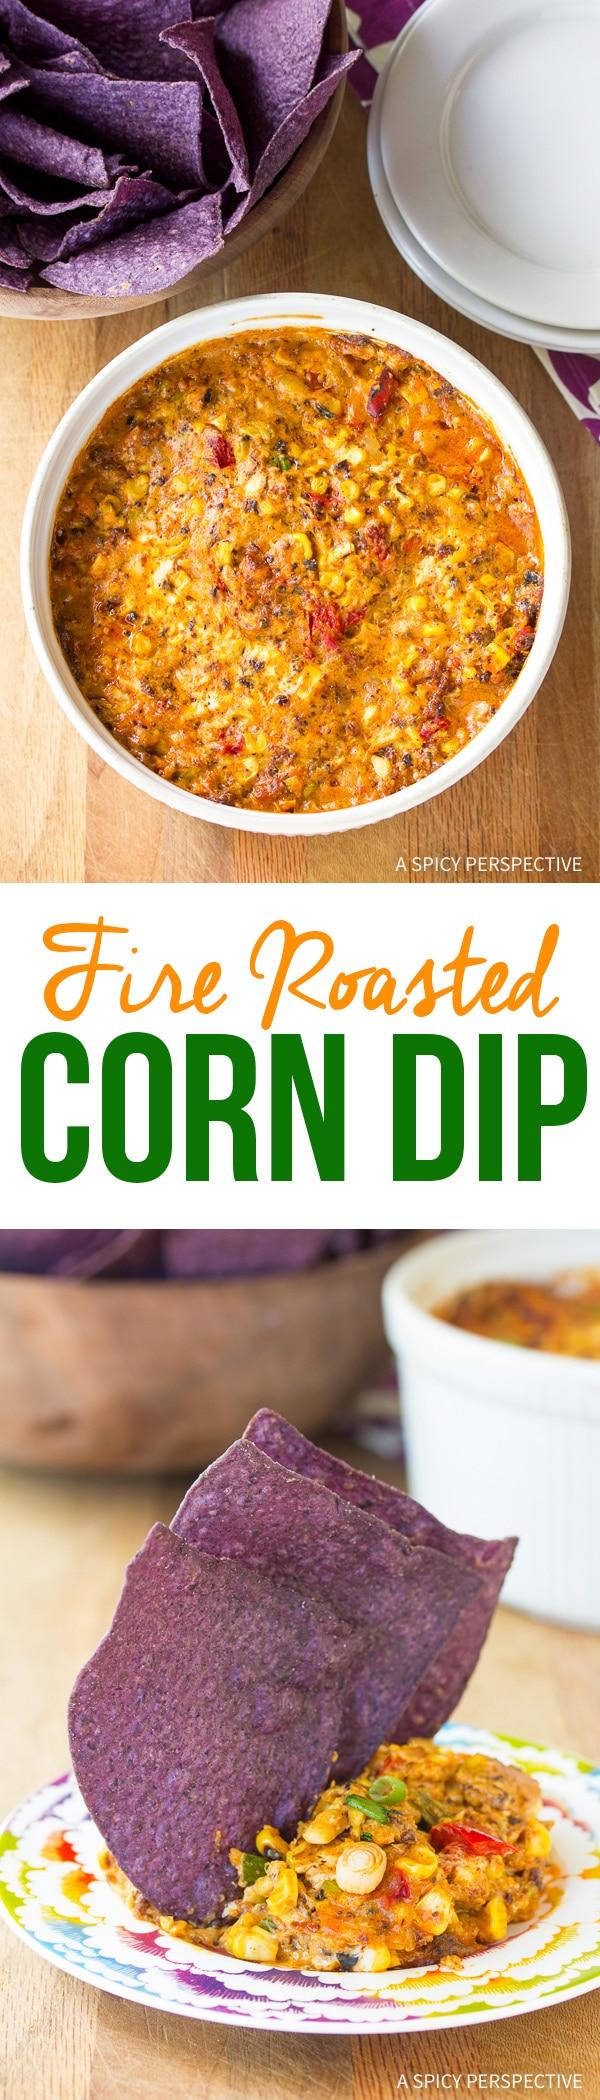 Spicy Fire Roasted Corn Dip Recipe